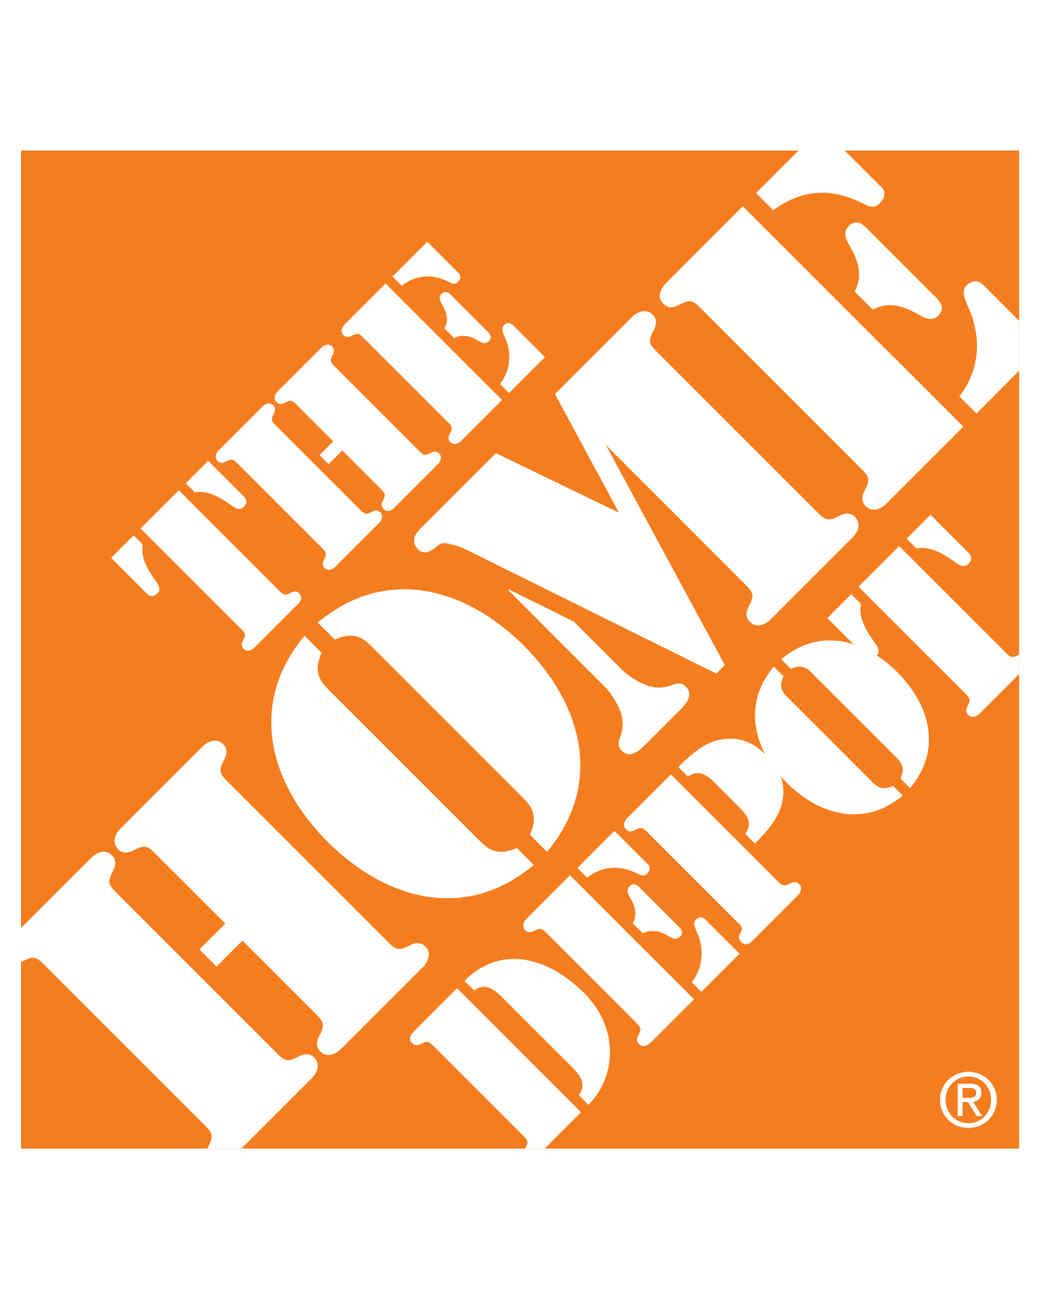 homedepot-logo.jpg